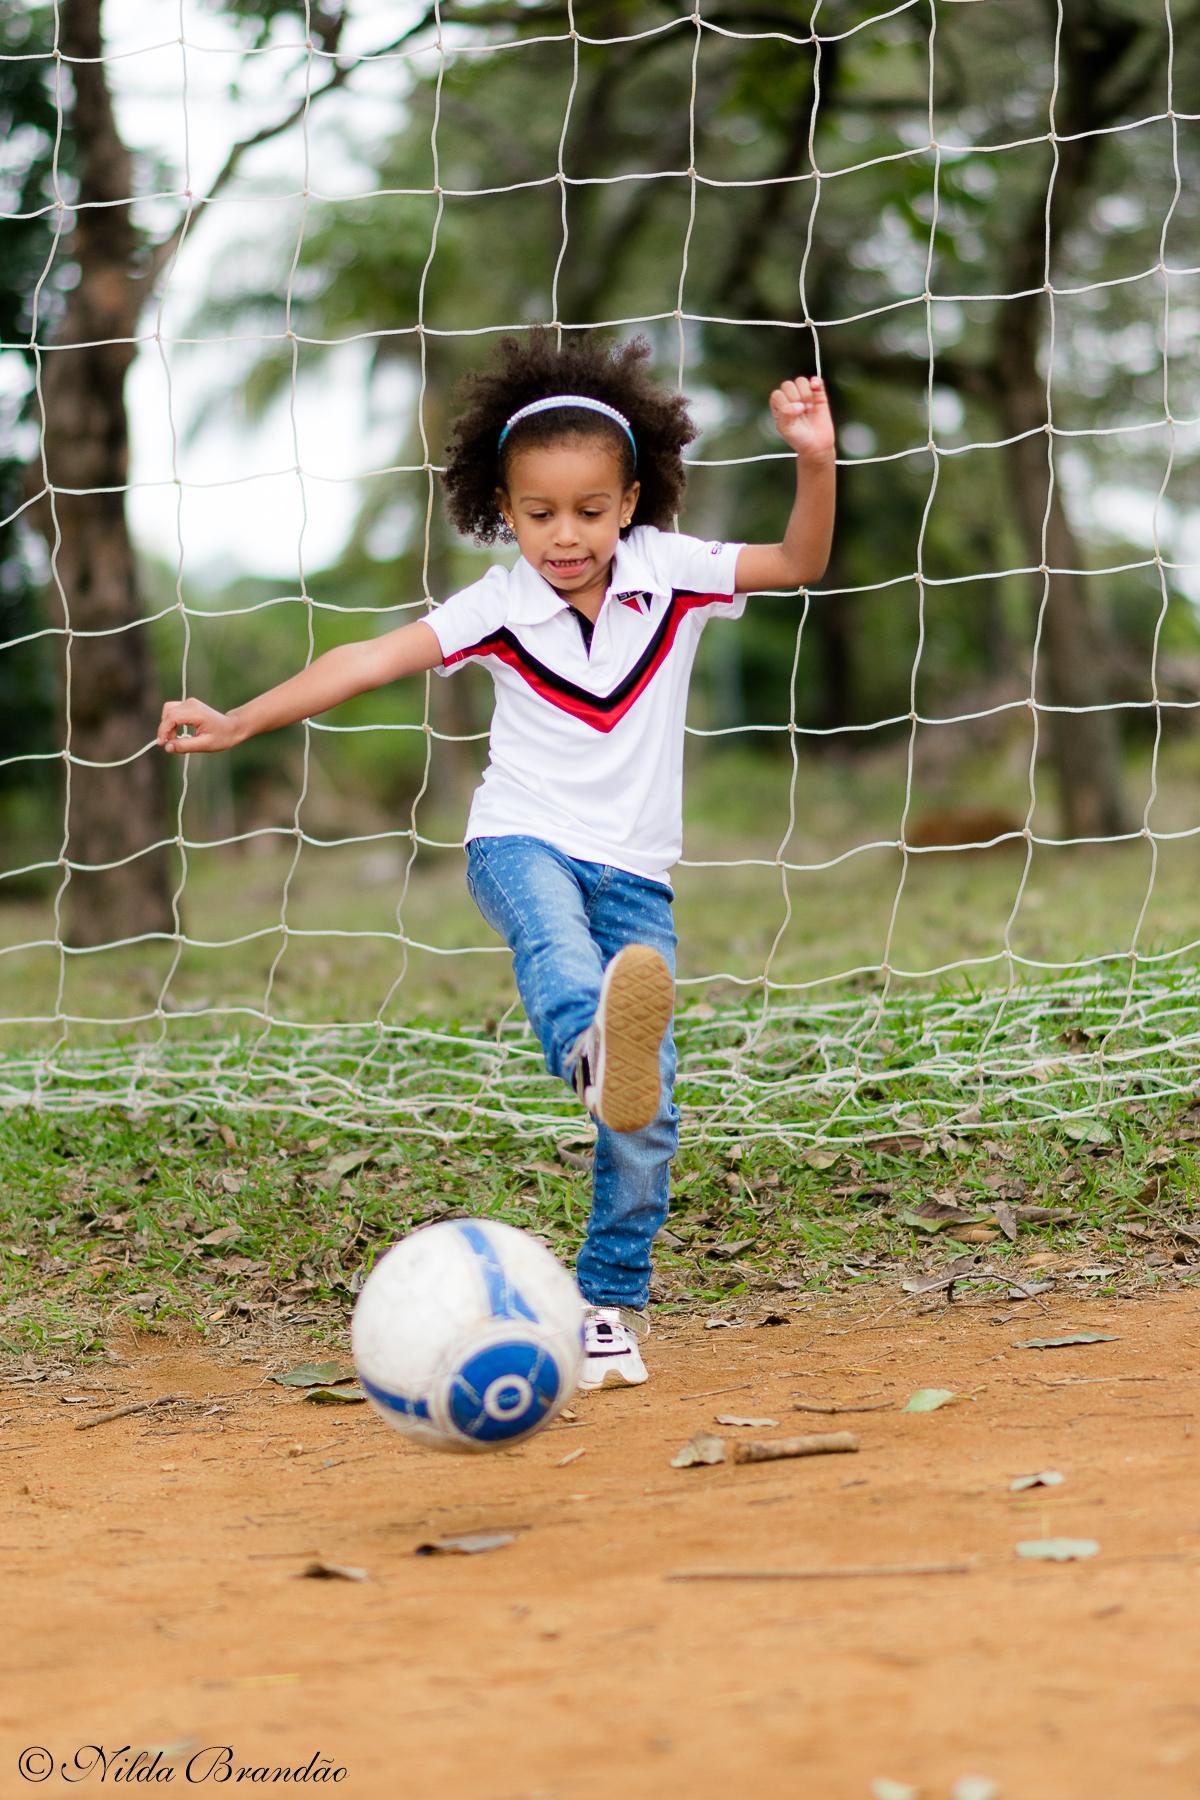 Posando com a camiseta do São Paulo, time do coração do papai. Porque meninas podem fazer o que quiser.